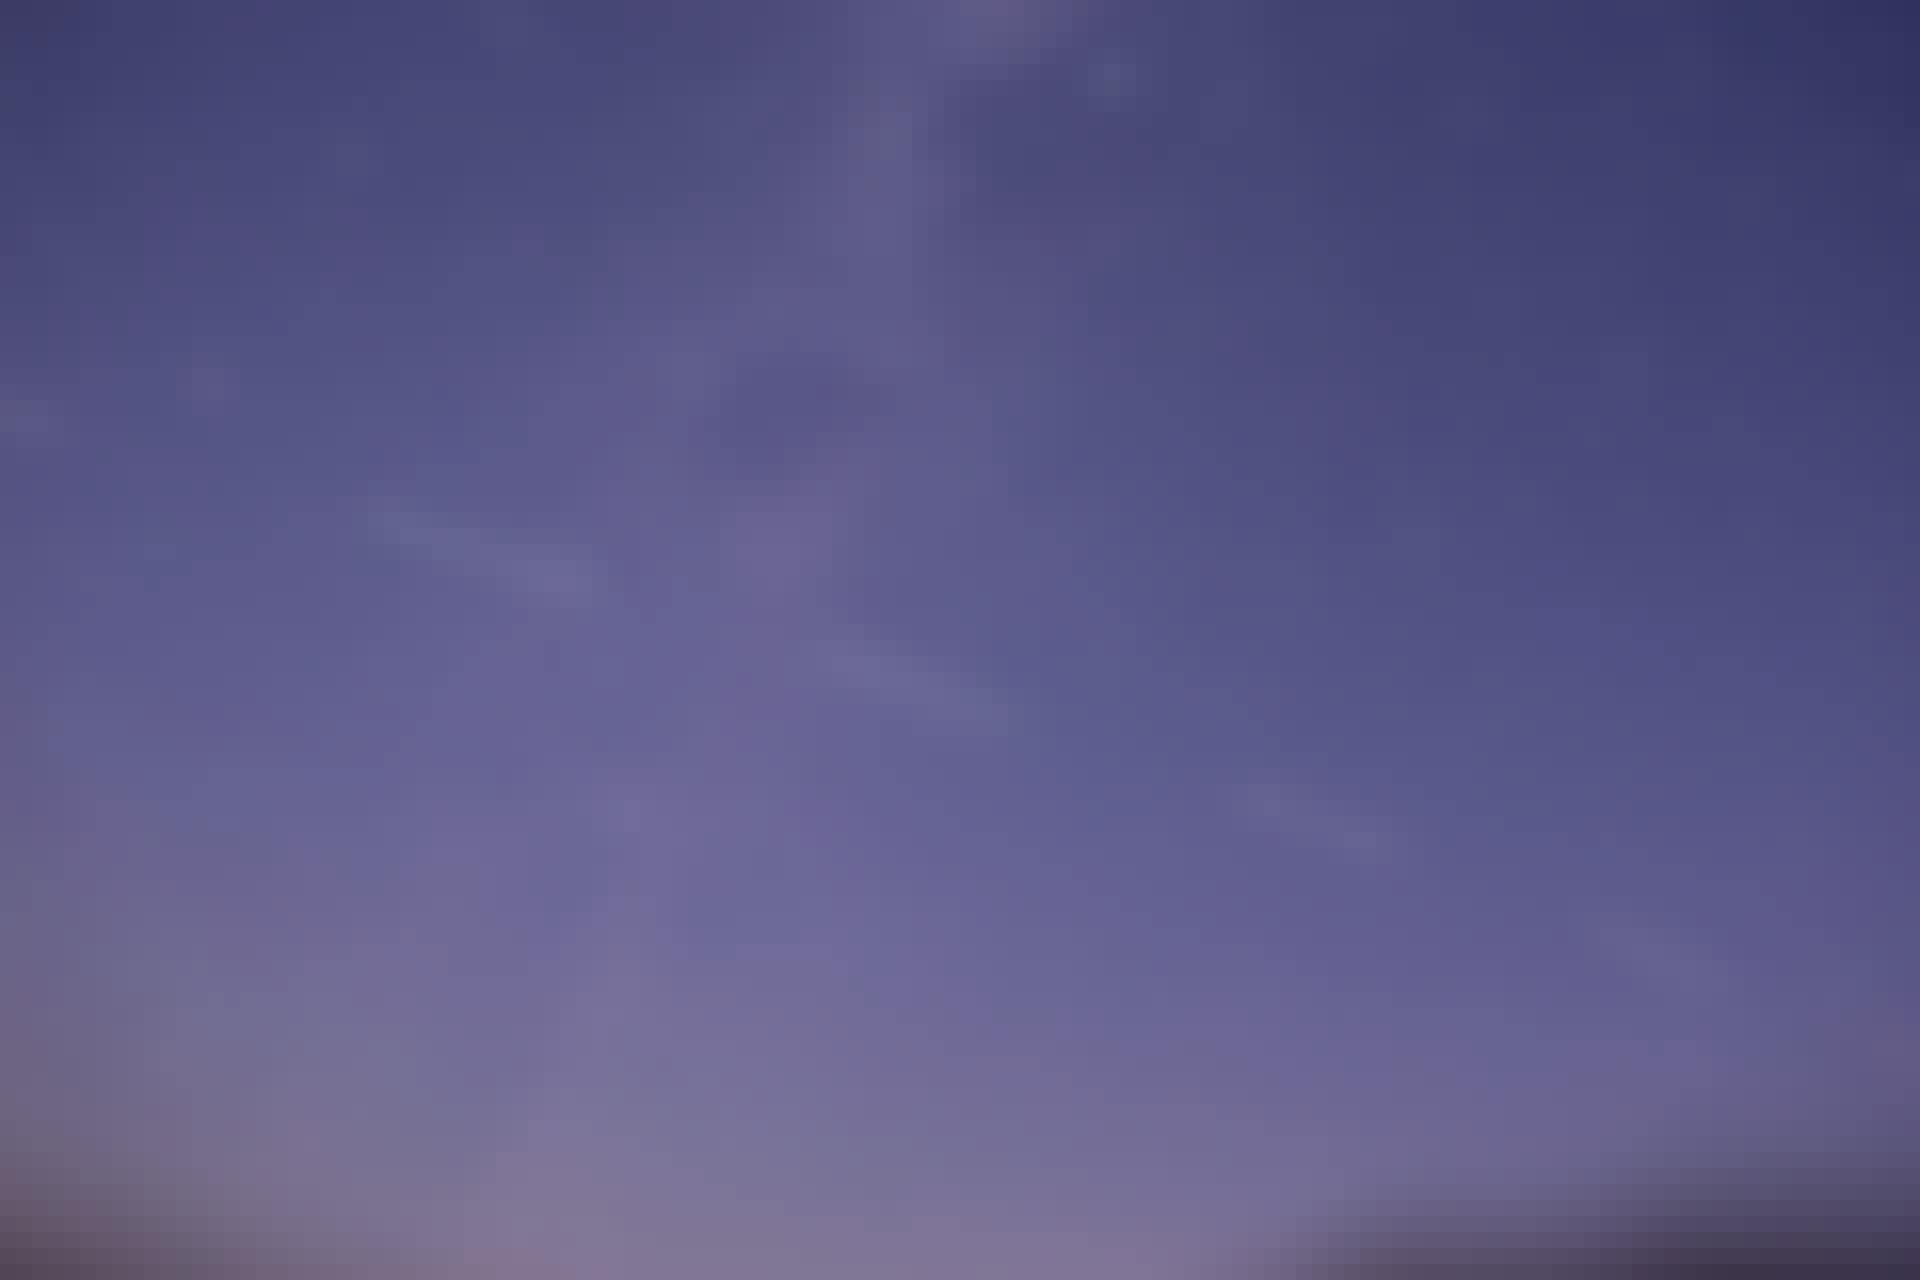 Starlink-satelliettrein beweegt over de hemel